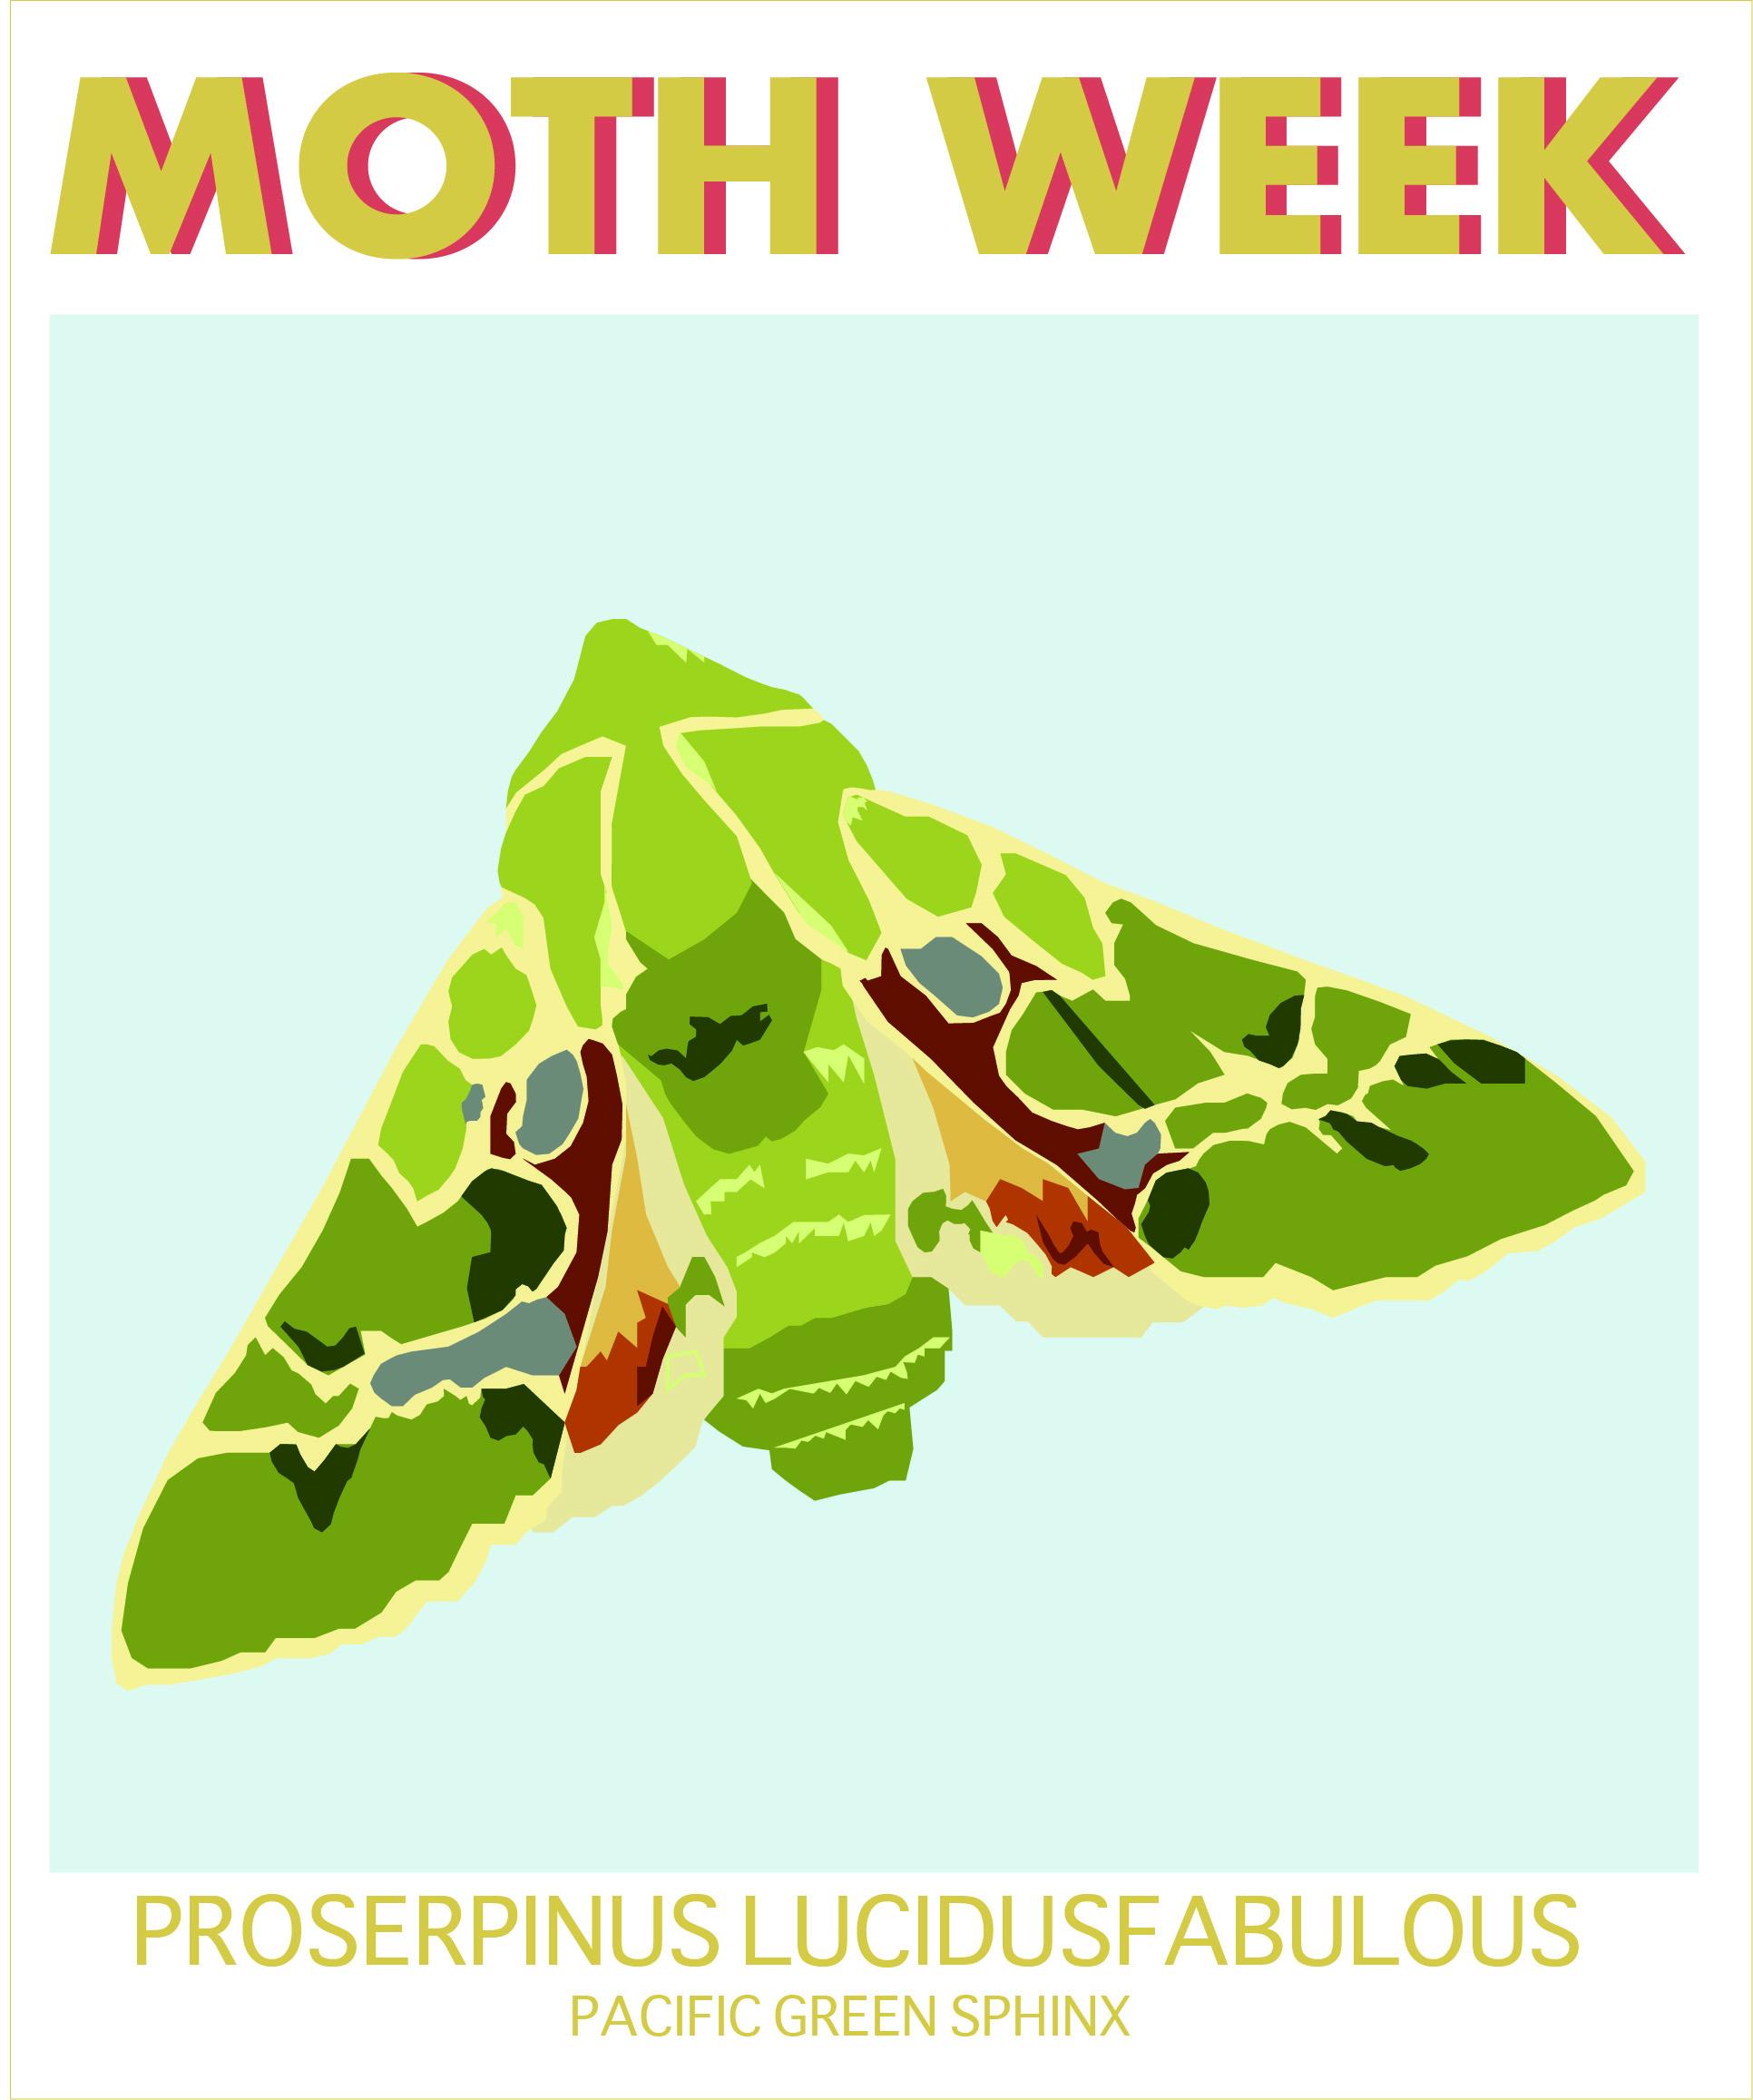 moth weekpacific green.jpg